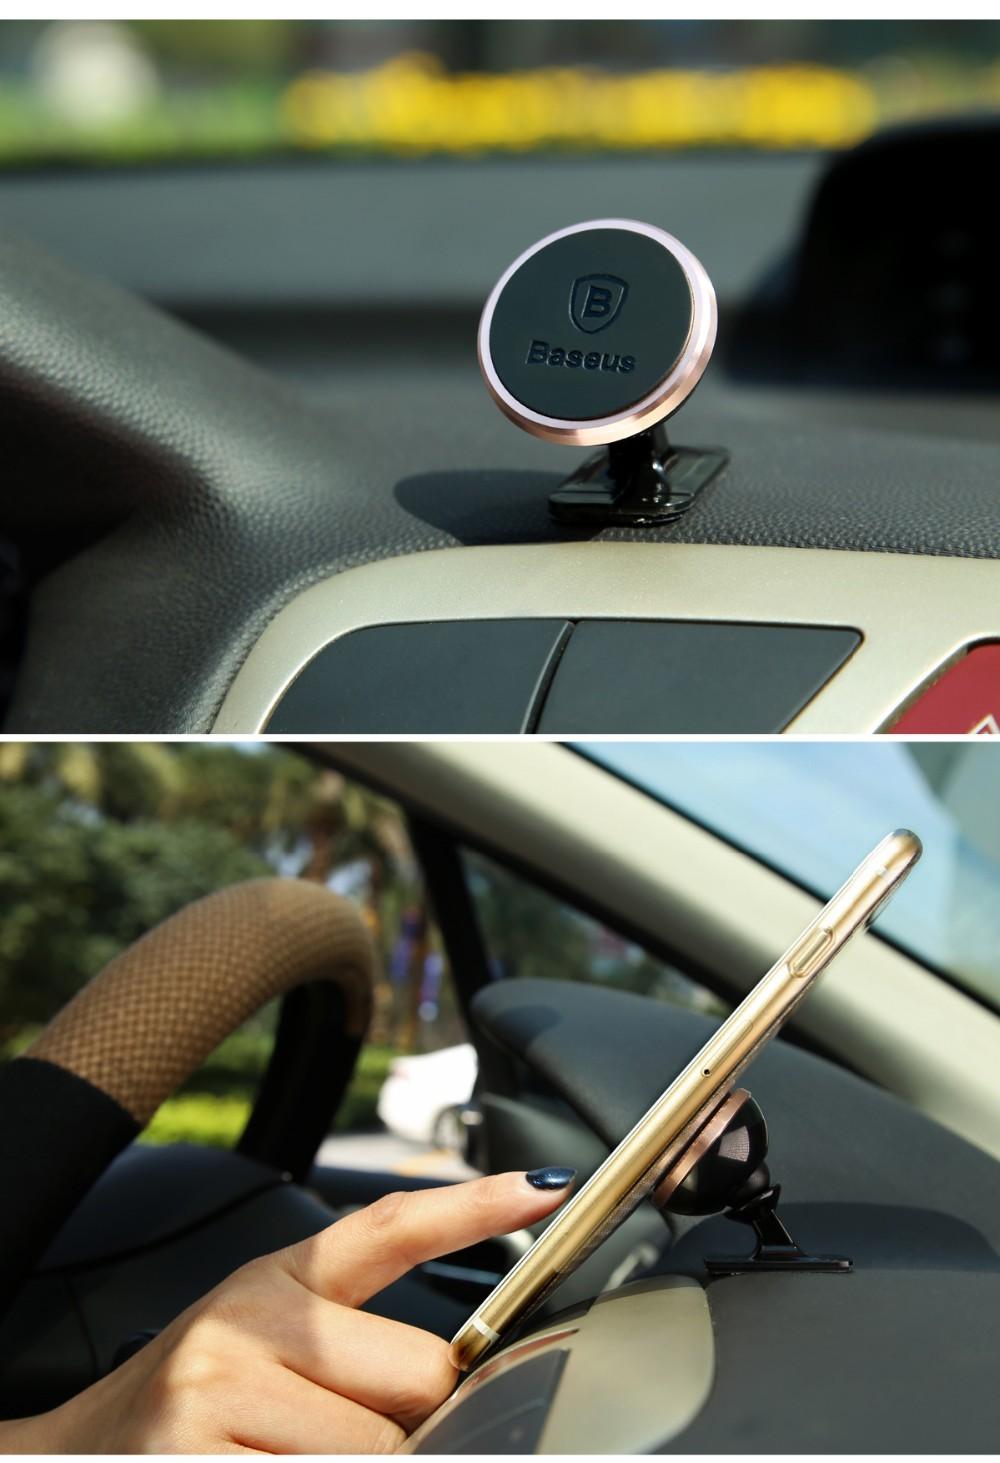 Oryginalny baseus uniwersalny magnetyczny obrót o 360 stopni uchwyt magnetyczny uchwyt samochodowy uchwyt telefonu dla iphone samsung smartphone gps 5